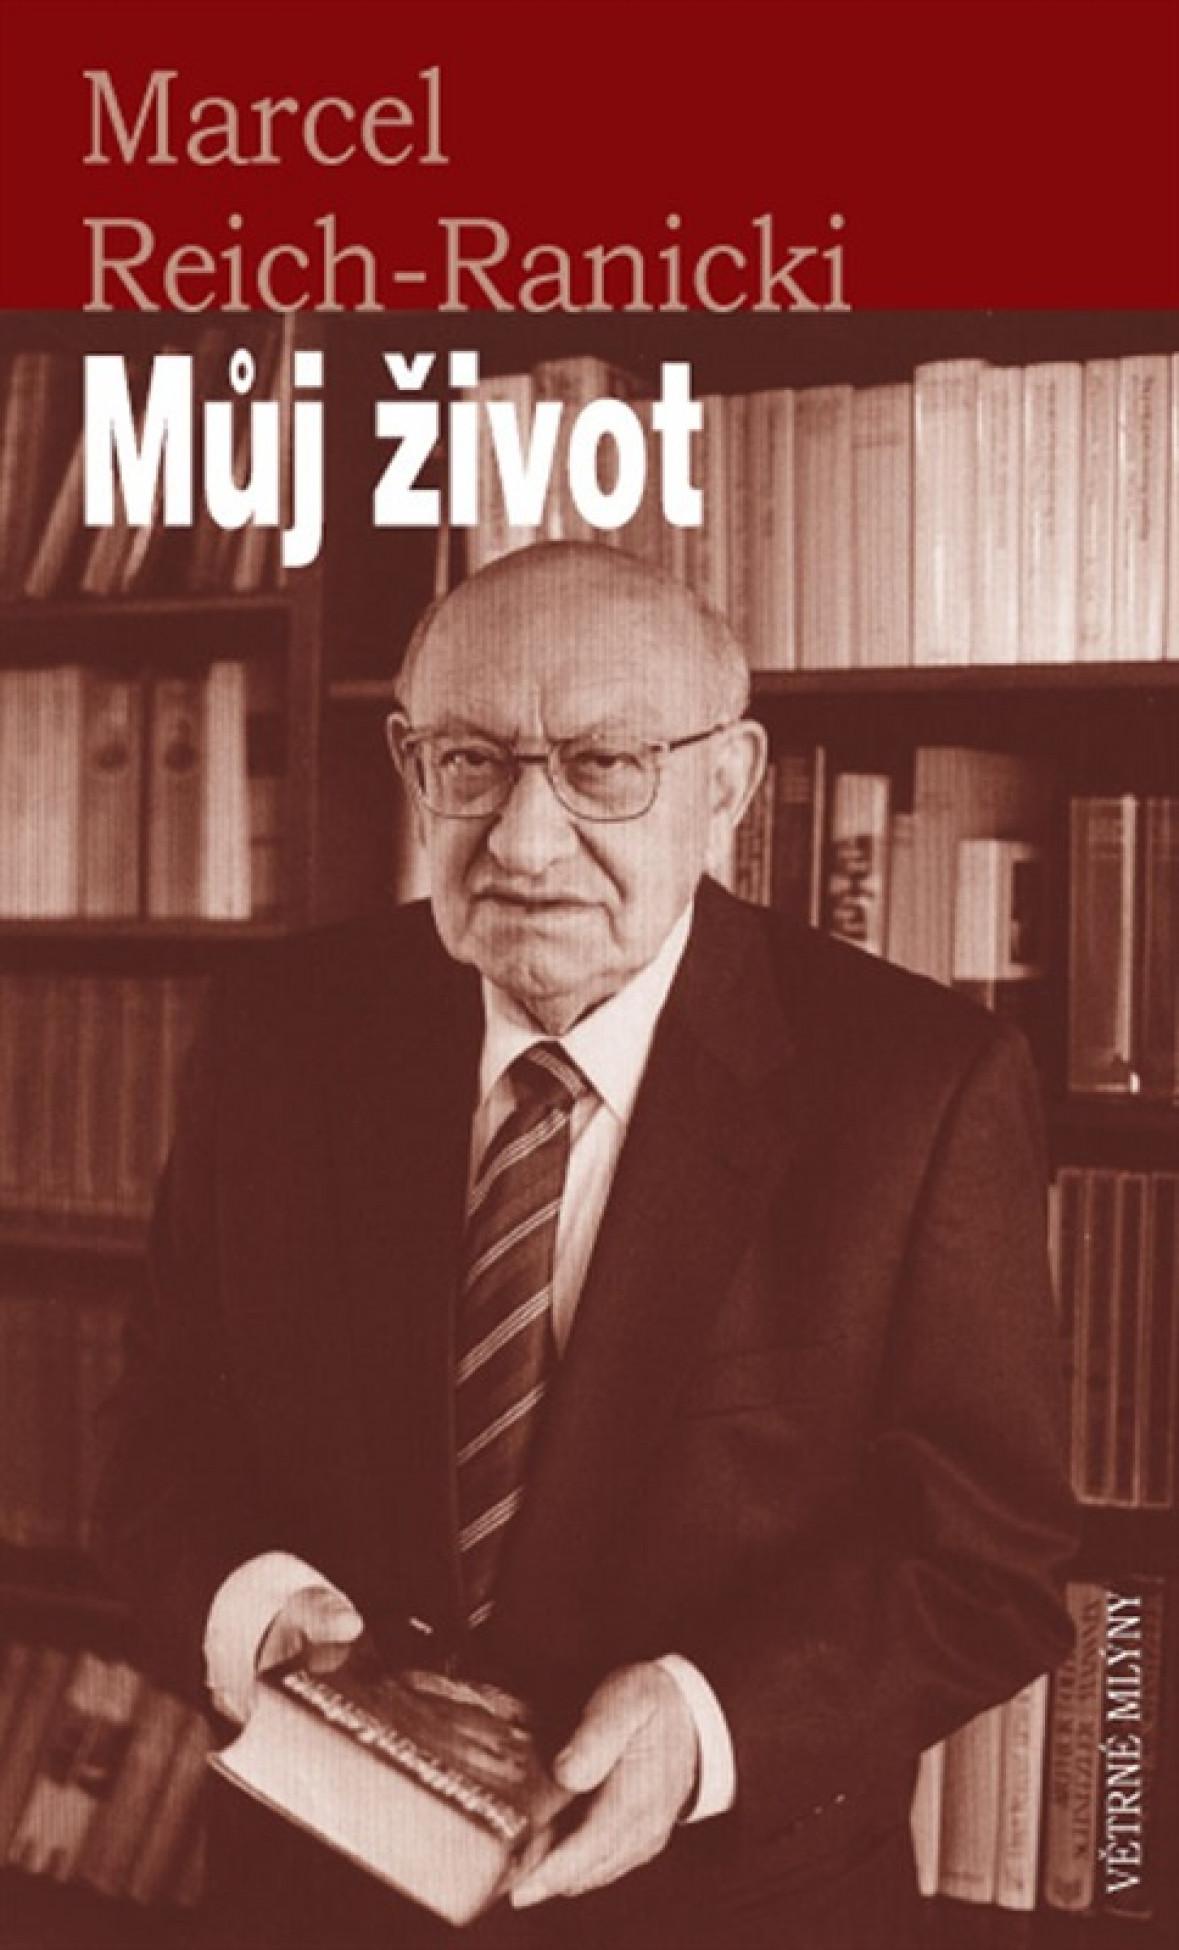 Marcel Reich-Ranicki: Můj život, Větrné mlýny, 2003